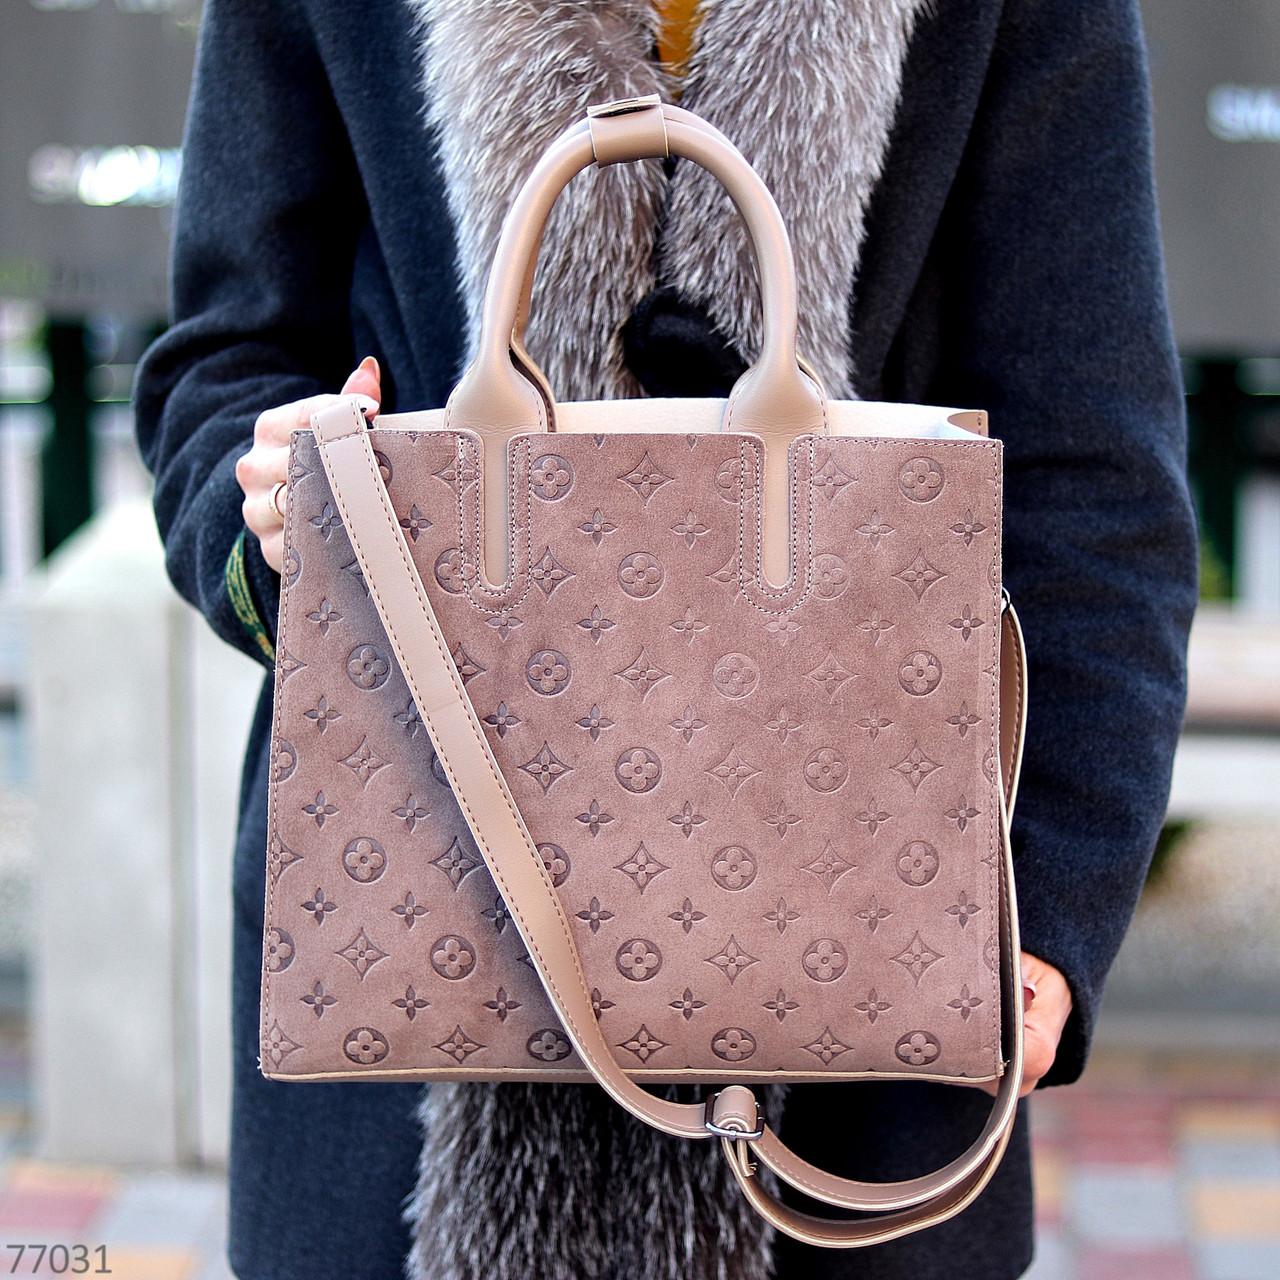 Брендовий фактурна бежева жіноча сумка - шоппер, регульований ремінь на плече